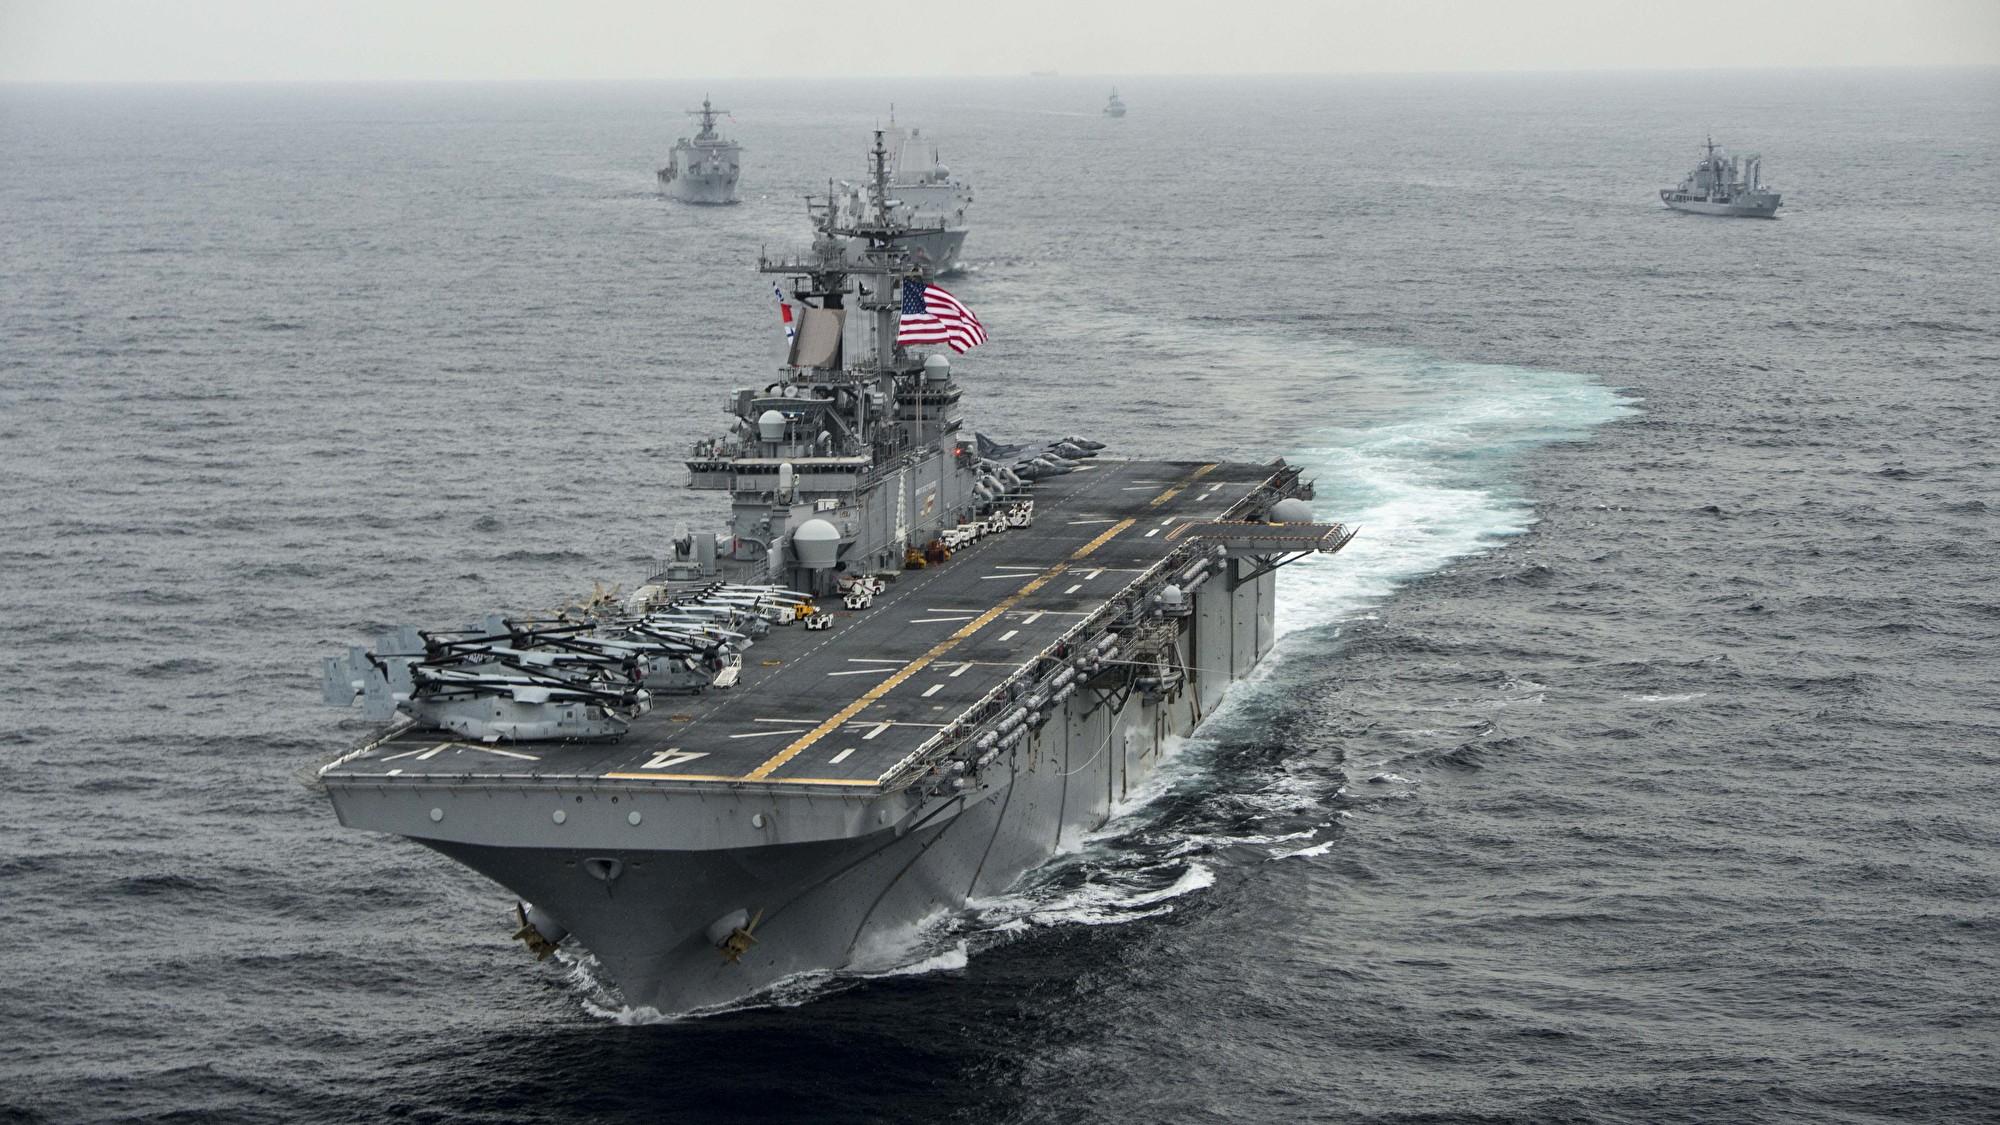 特朗普:美突擊艦擊毀伊朗無人機